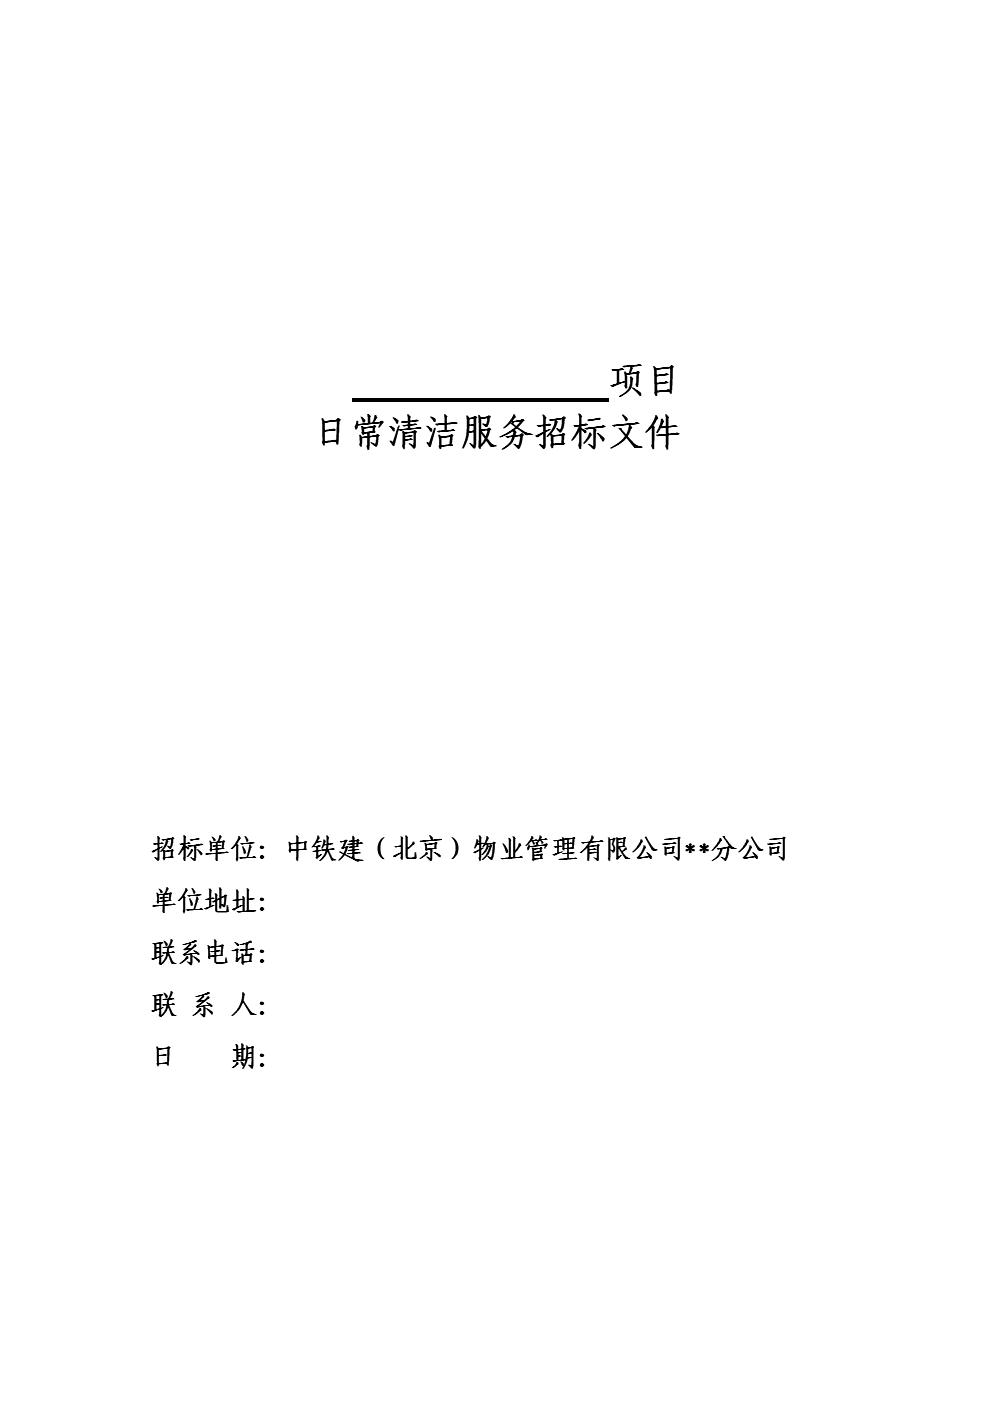 物业管理公司日常保洁招标文件范本.doc